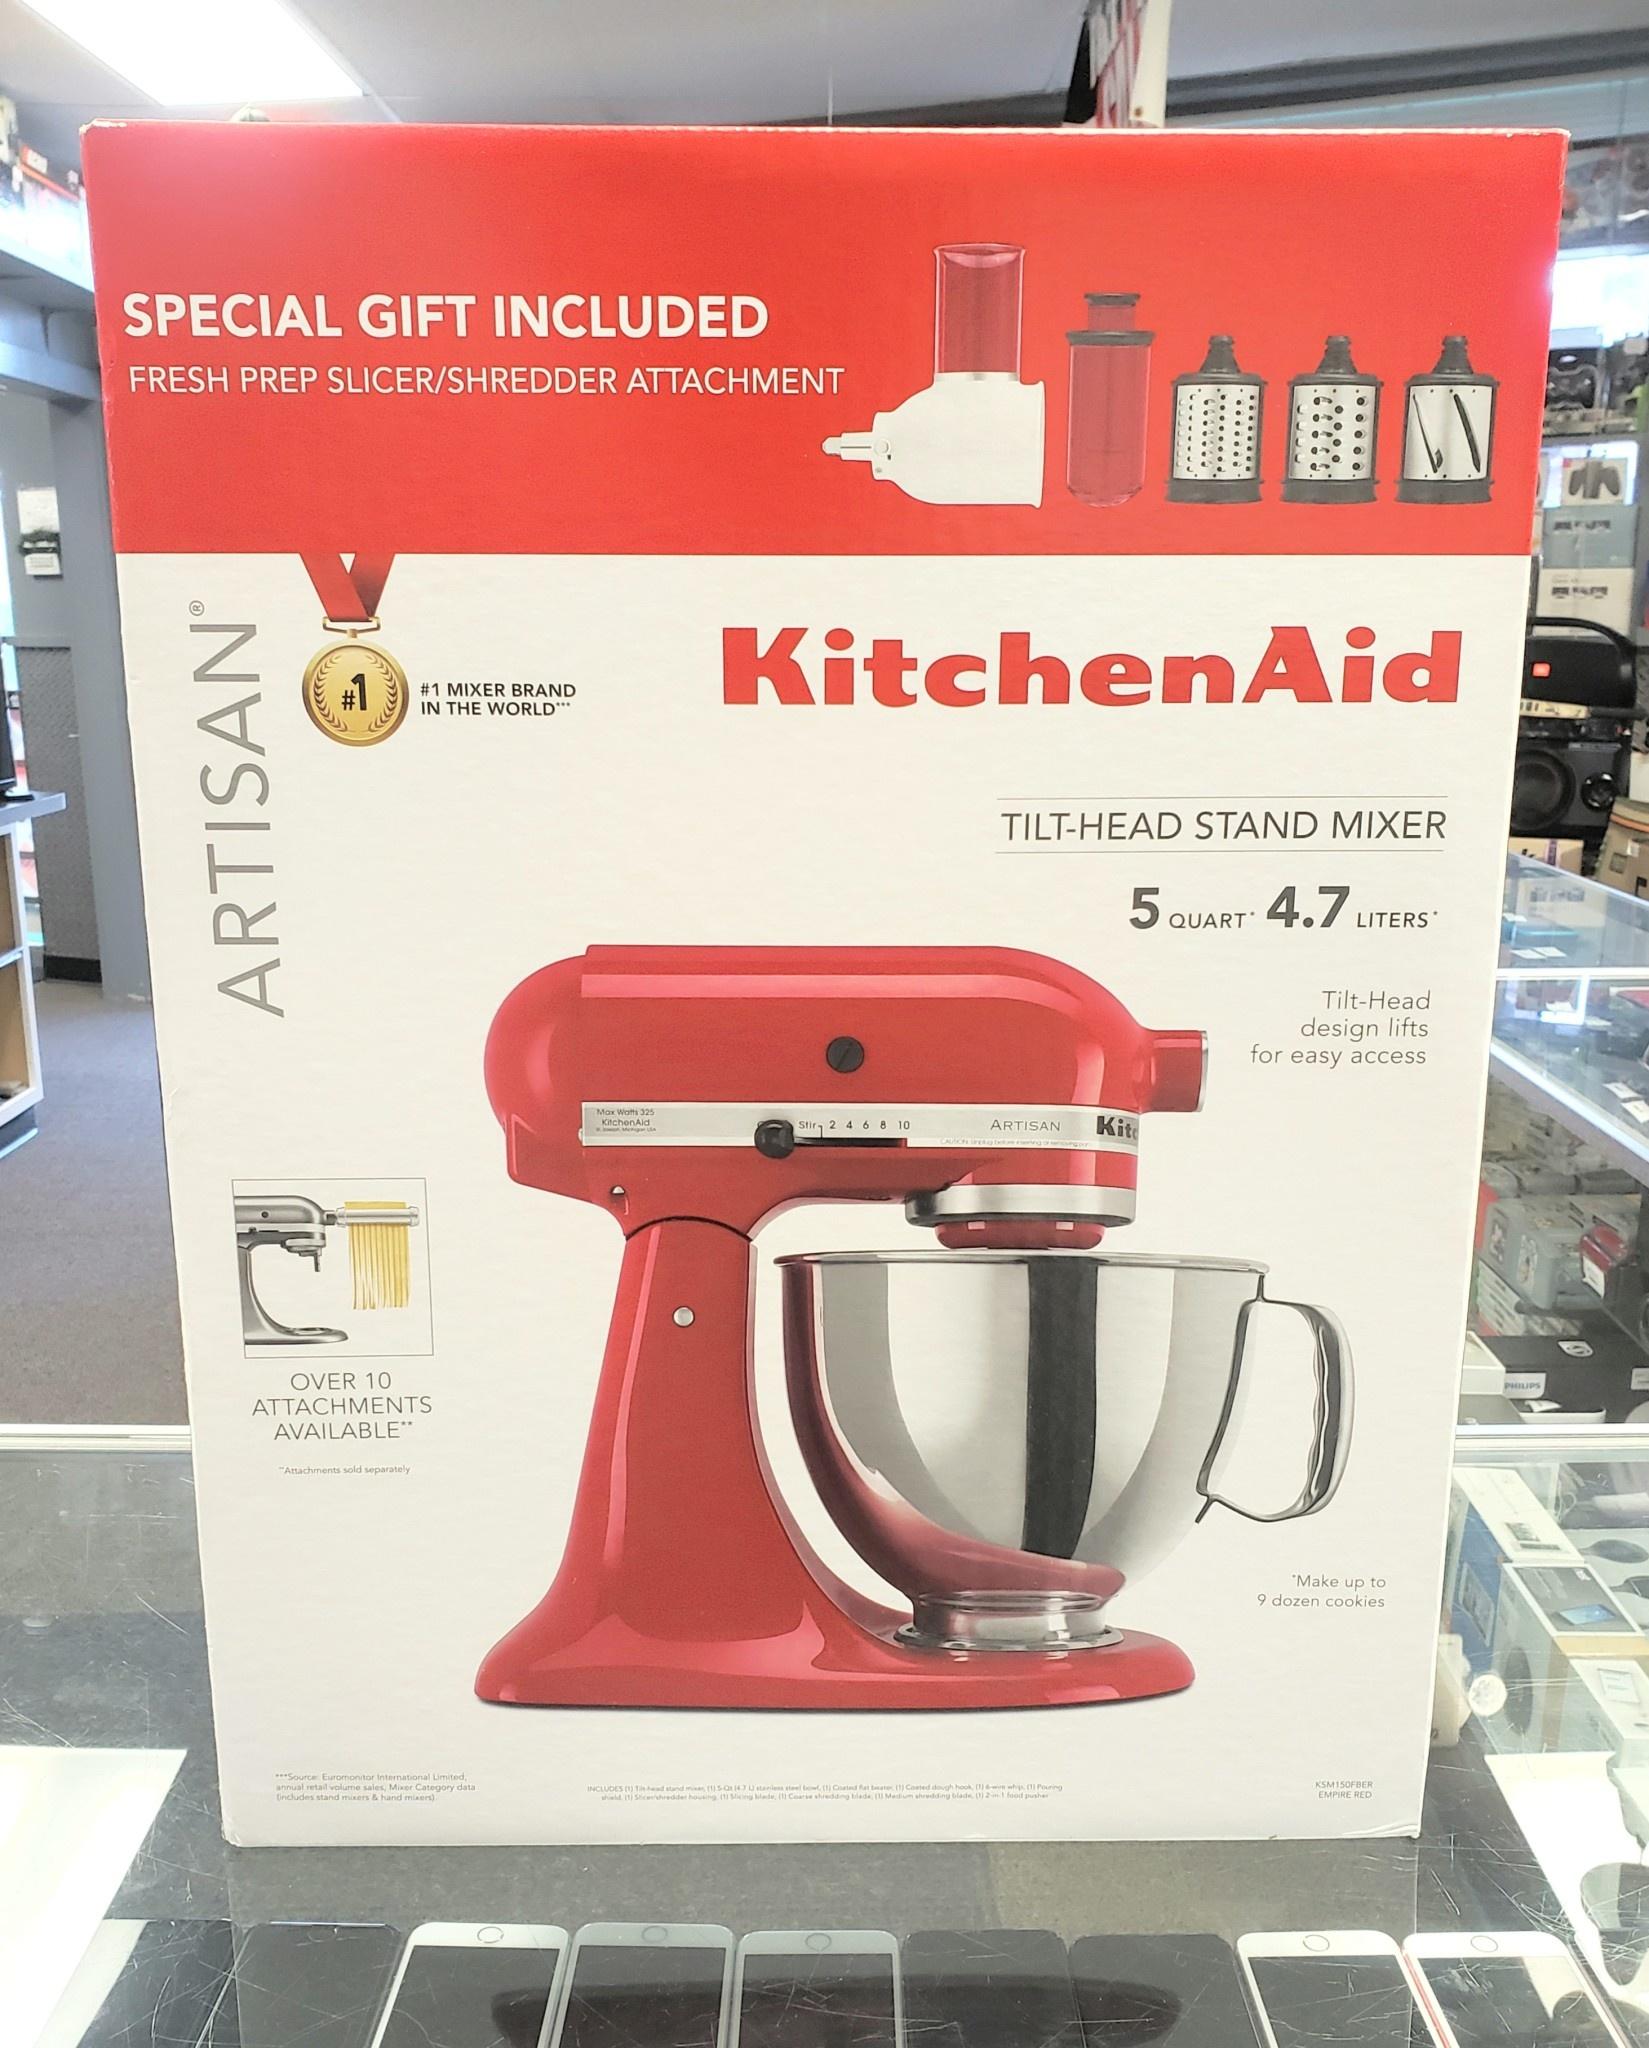 New - KitchenAid Artisan 5Qt. Mixer w/ Fresh Shredder Kit - Red - KSM150FBER